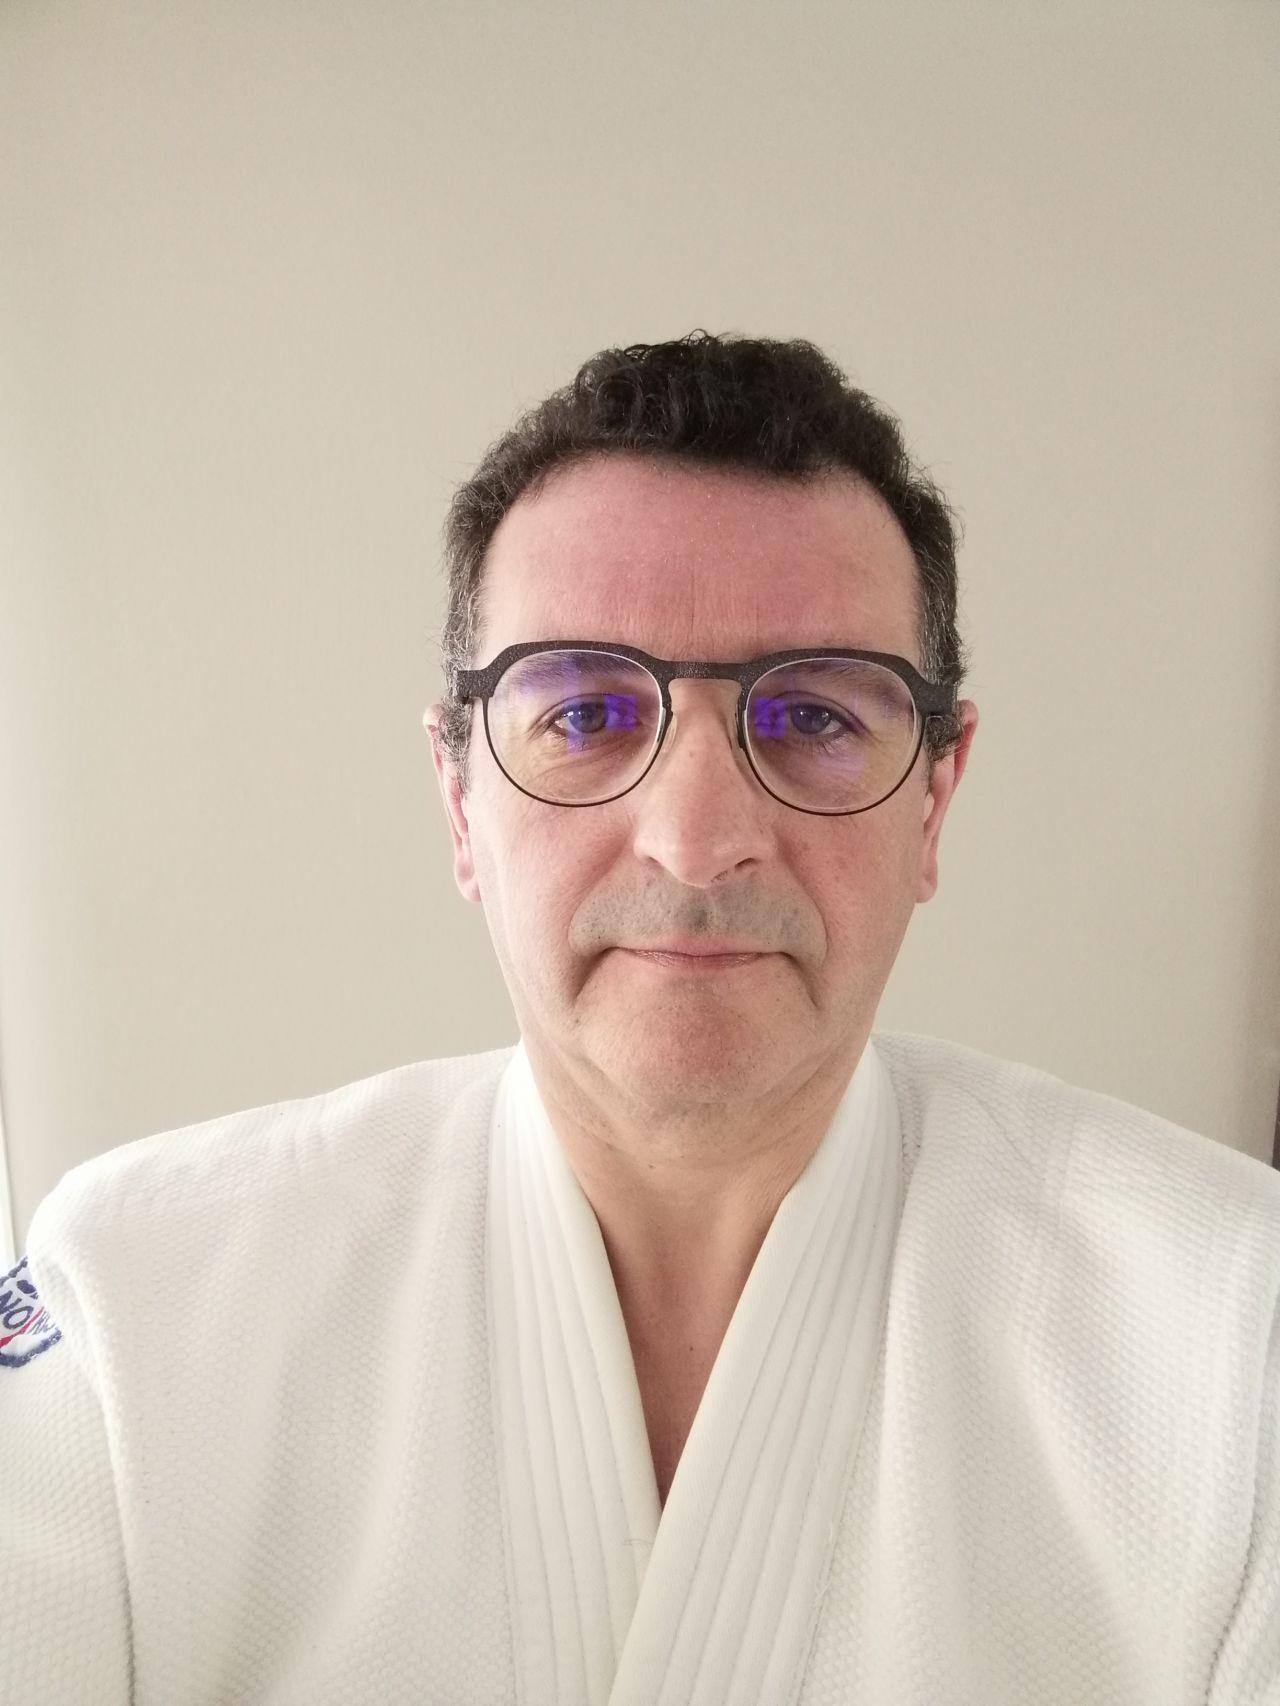 DUBILLE Didier